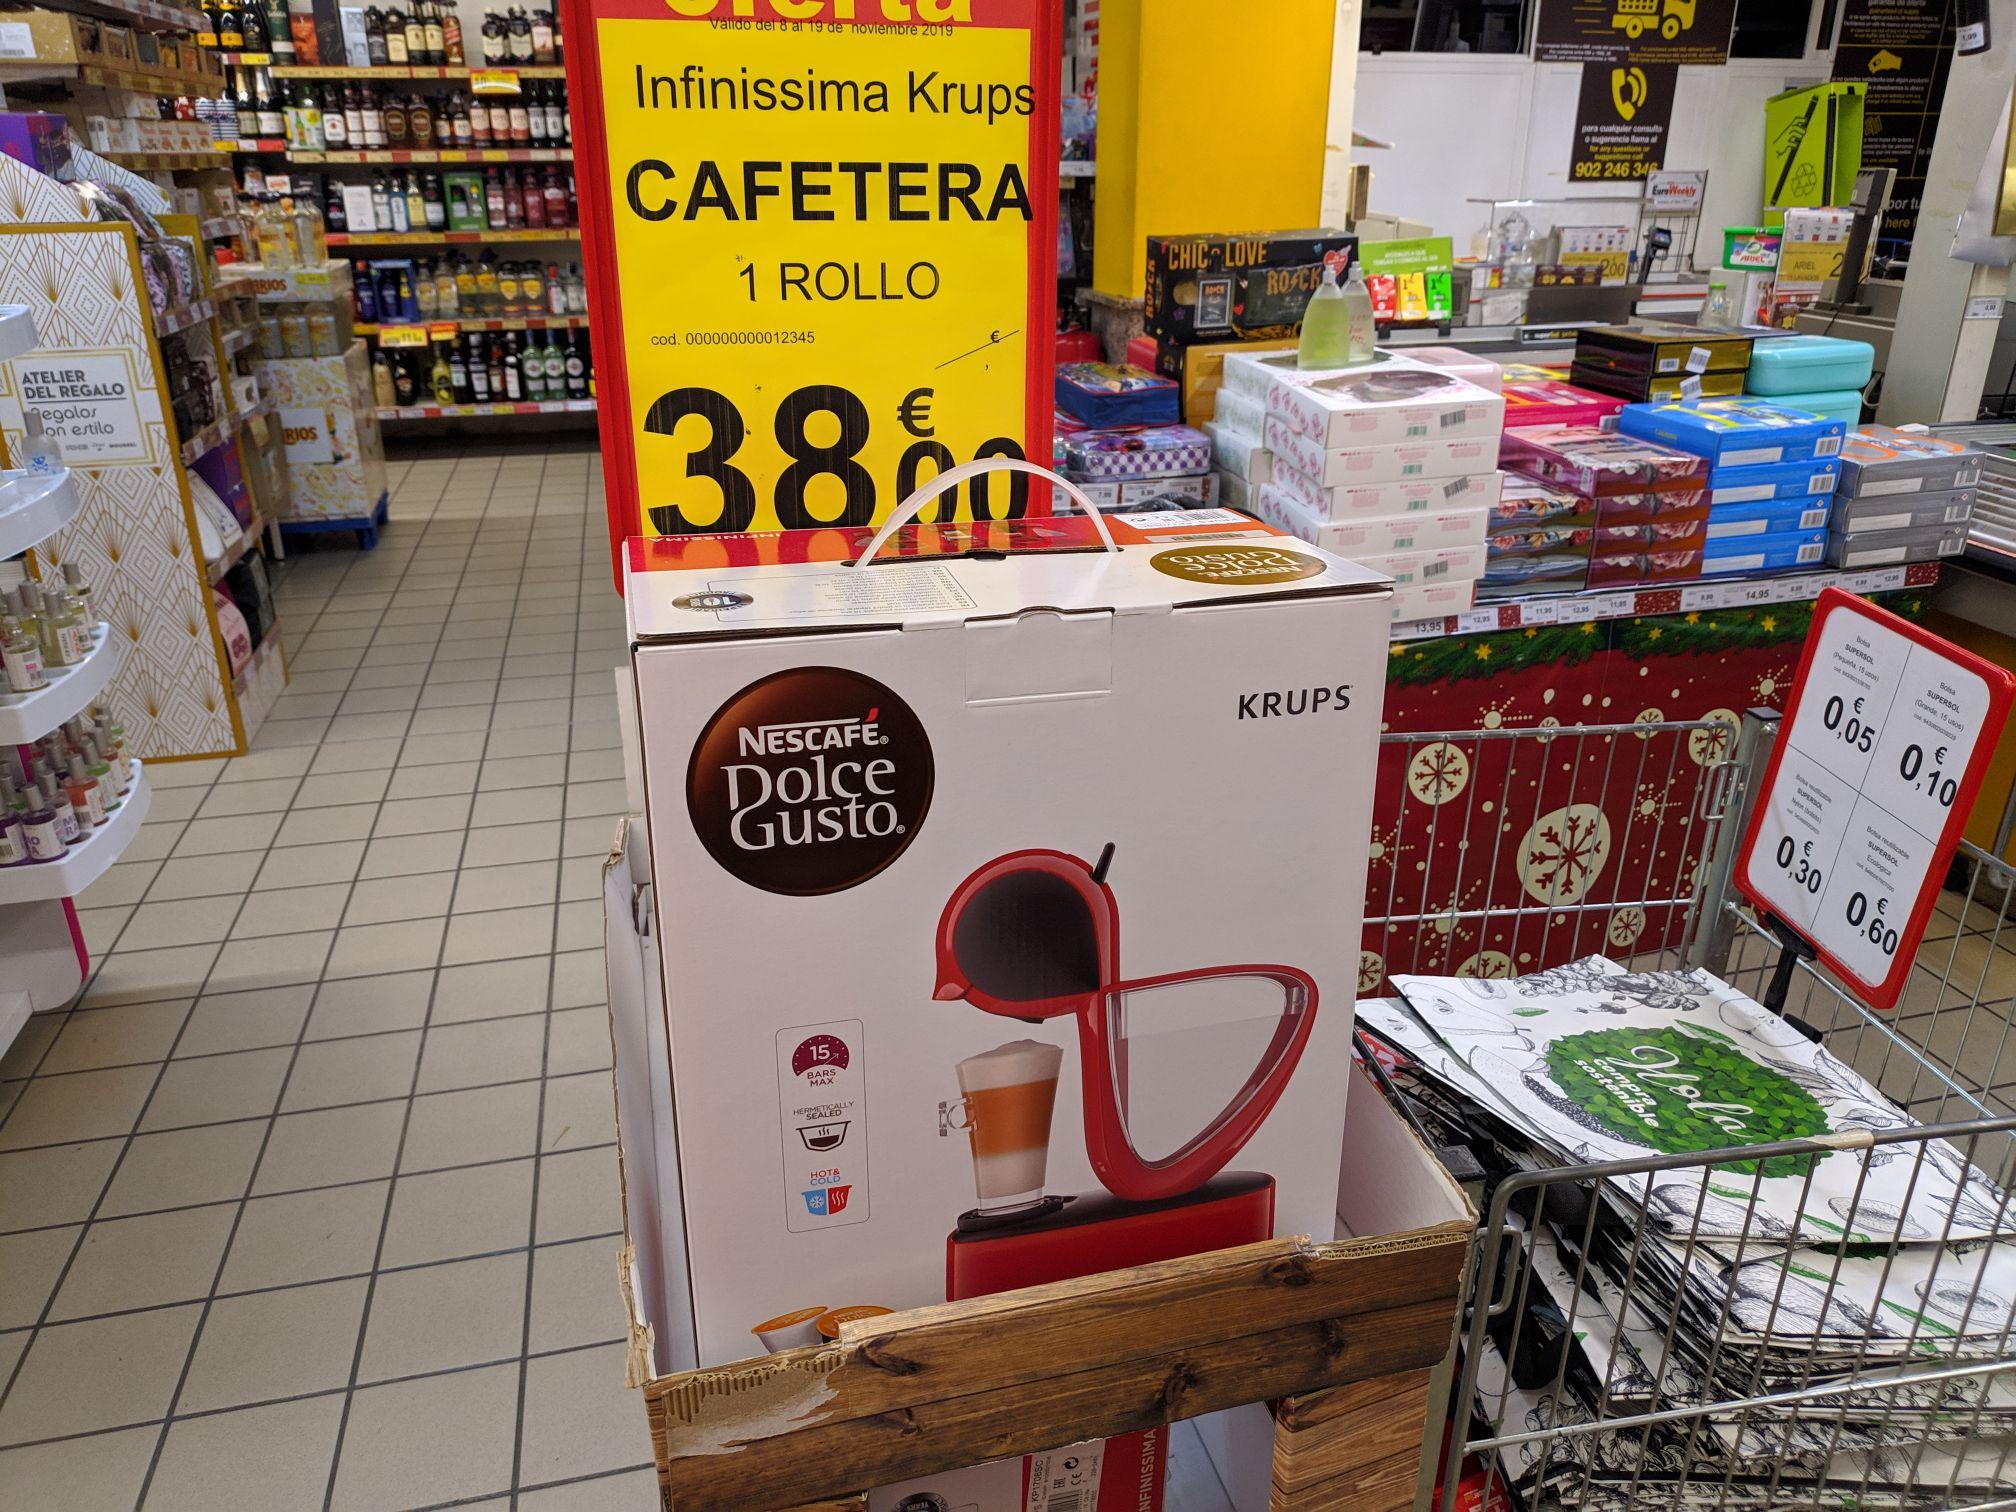 Cafetera dolce gusto krups (Supersol Torremolinos)